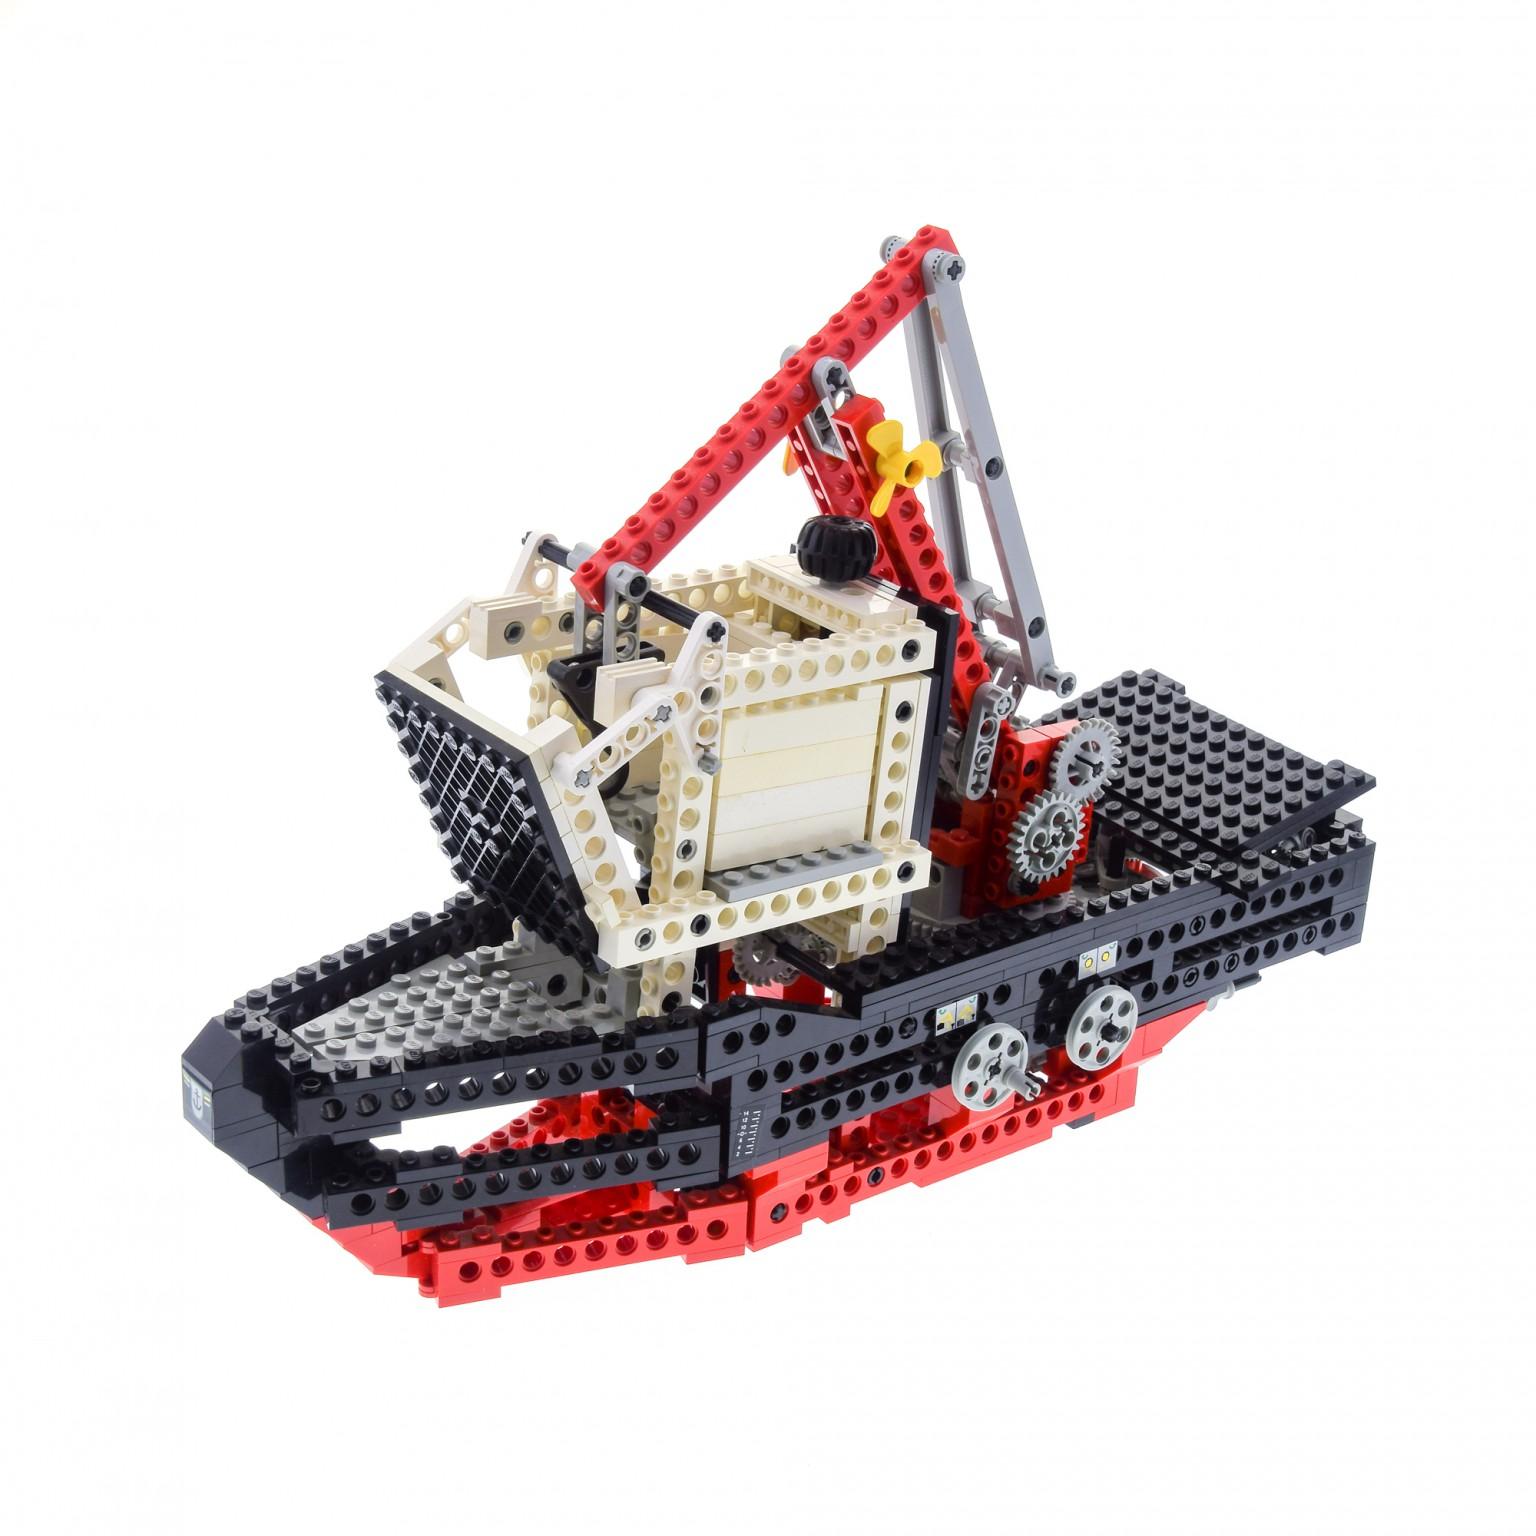 40227 MSC Meraviglia Schiff boot unvollständig LEGO Bausteine & Bauzubehör 1 x Lego System Set Modell Nr